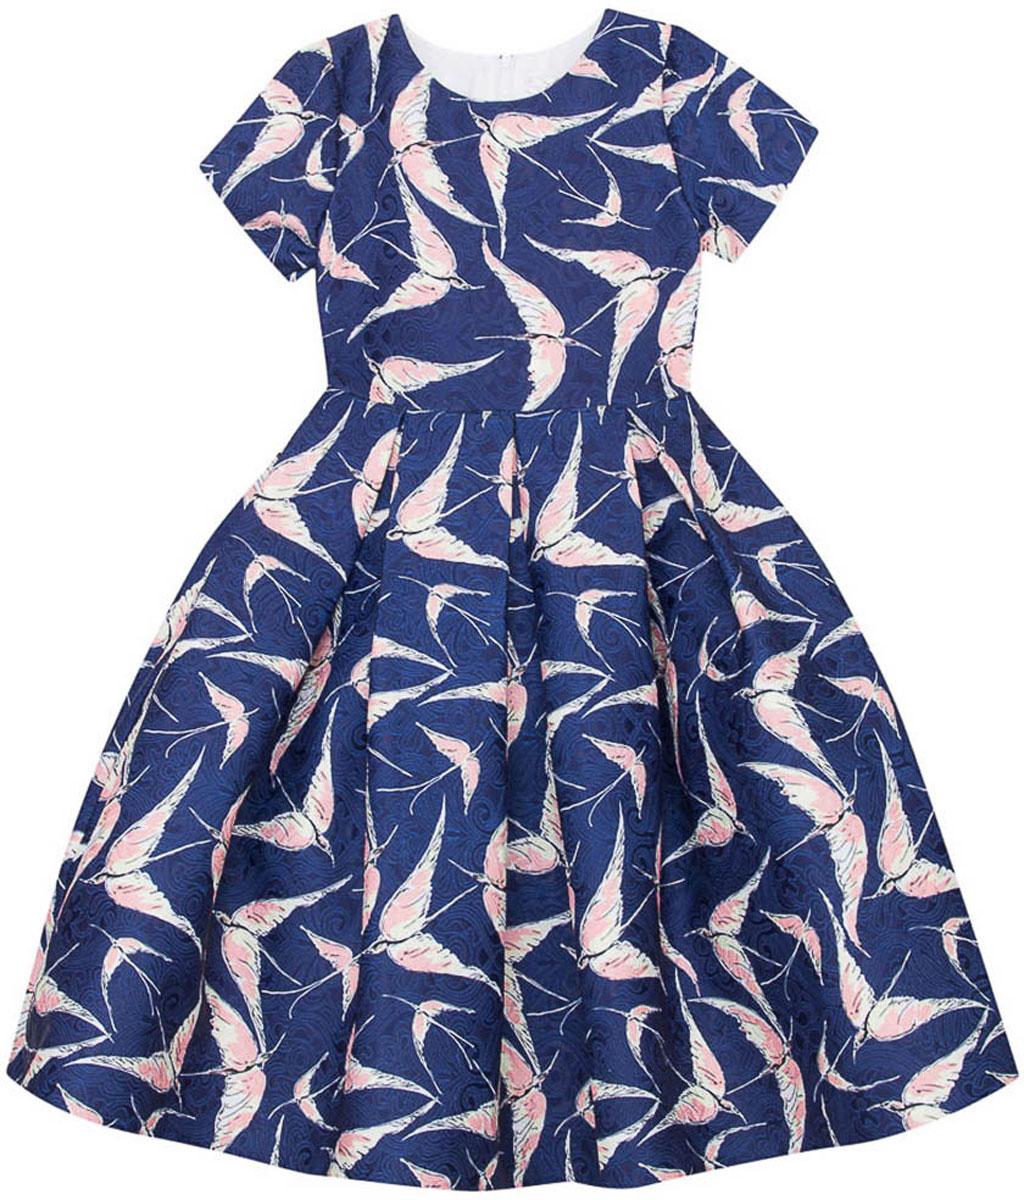 Платье для девочки Vitacci, цвет: синий. 2171404-04. Размер 1582171404-04Стильное платье Vitacci идеально подойдет вашей дочурке. Платье выполнено из полиэстера с подкладкой из хлопка. Платье с короткими рукавами и круглым вырезом горловины дополнено принтом. Модель застегивается на молнию, расположенную на спинке.